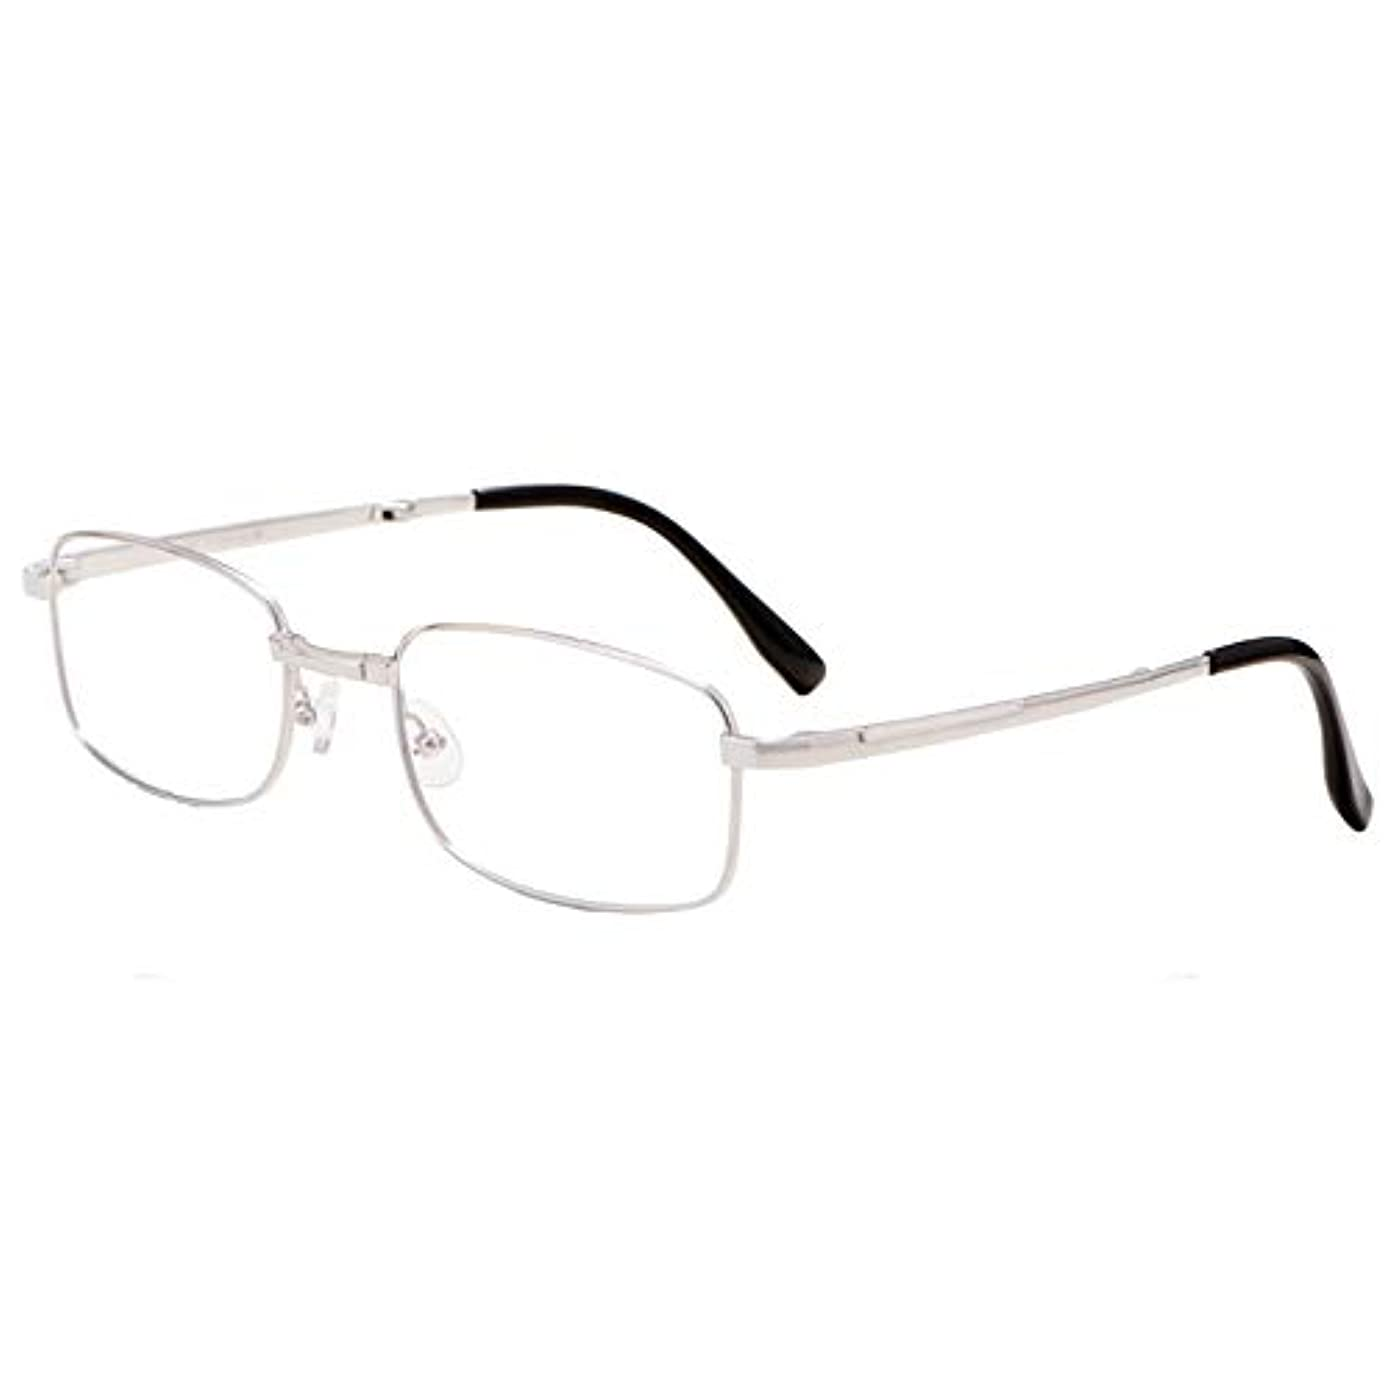 スタック飛ぶアプライアンスYYQ 金属製の老眼鏡、コンパクトな折りたたみ式リーダー、携帯型ファッションの超軽量男性と女性のコンピュータゴーグル、HD樹脂レンズ、スプリングヒンジ(+1.0)